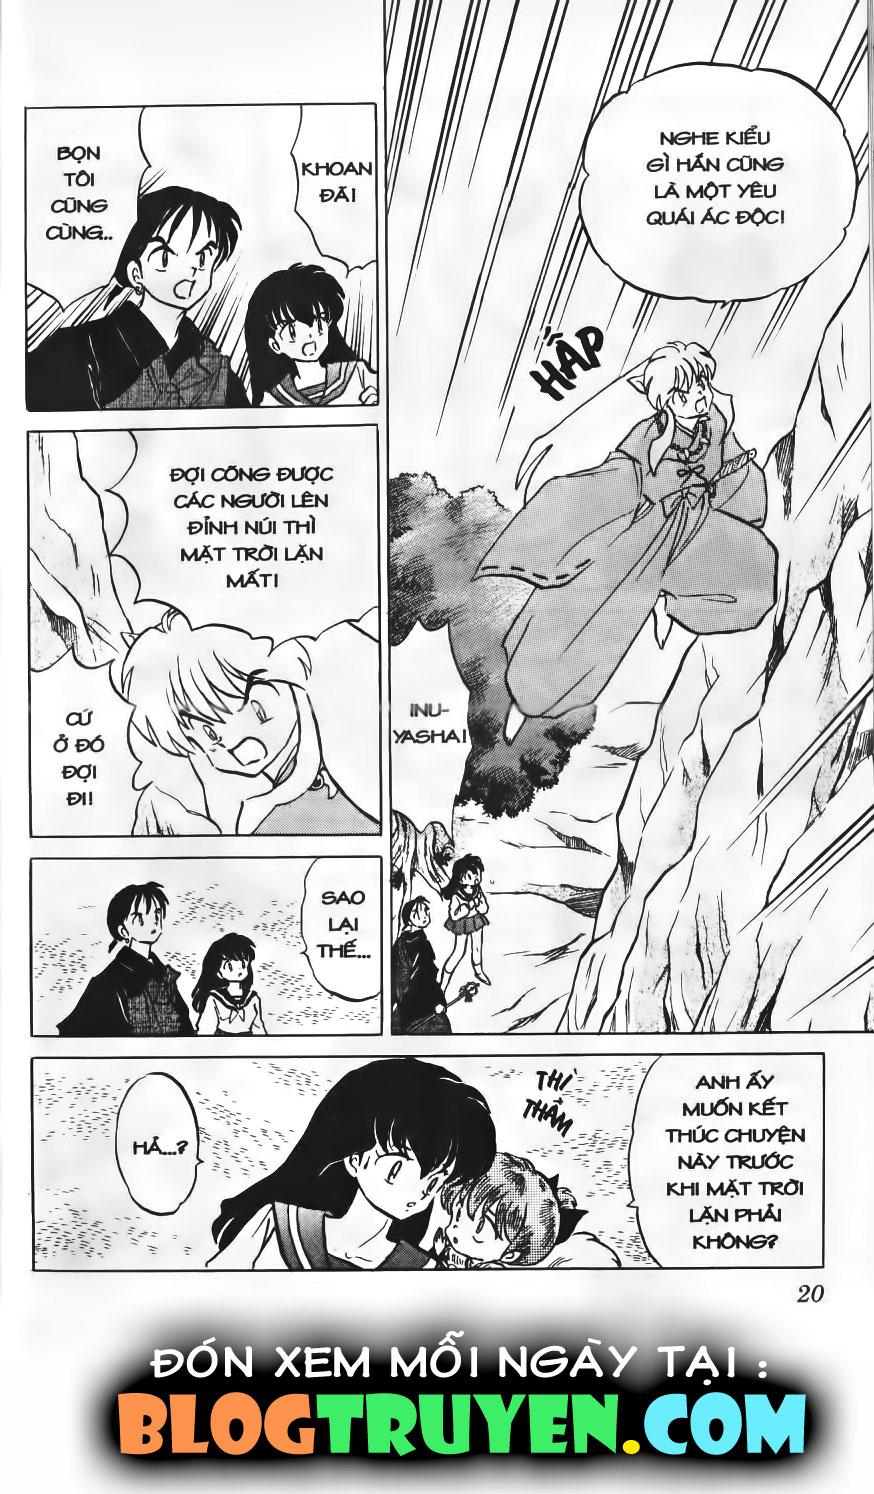 Inuyasha vol 09.1 trang 19